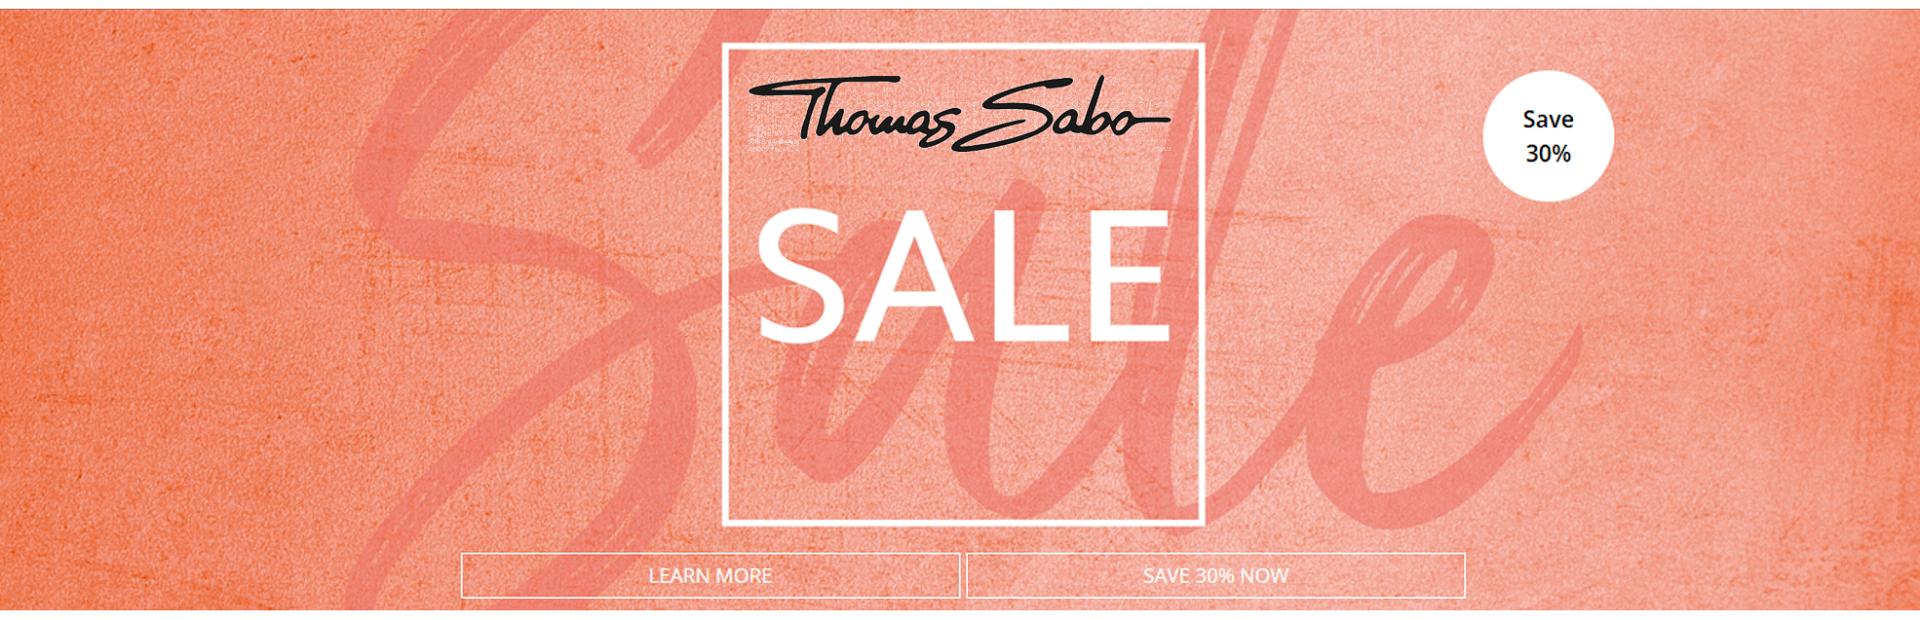 Thomas Sabo Sale